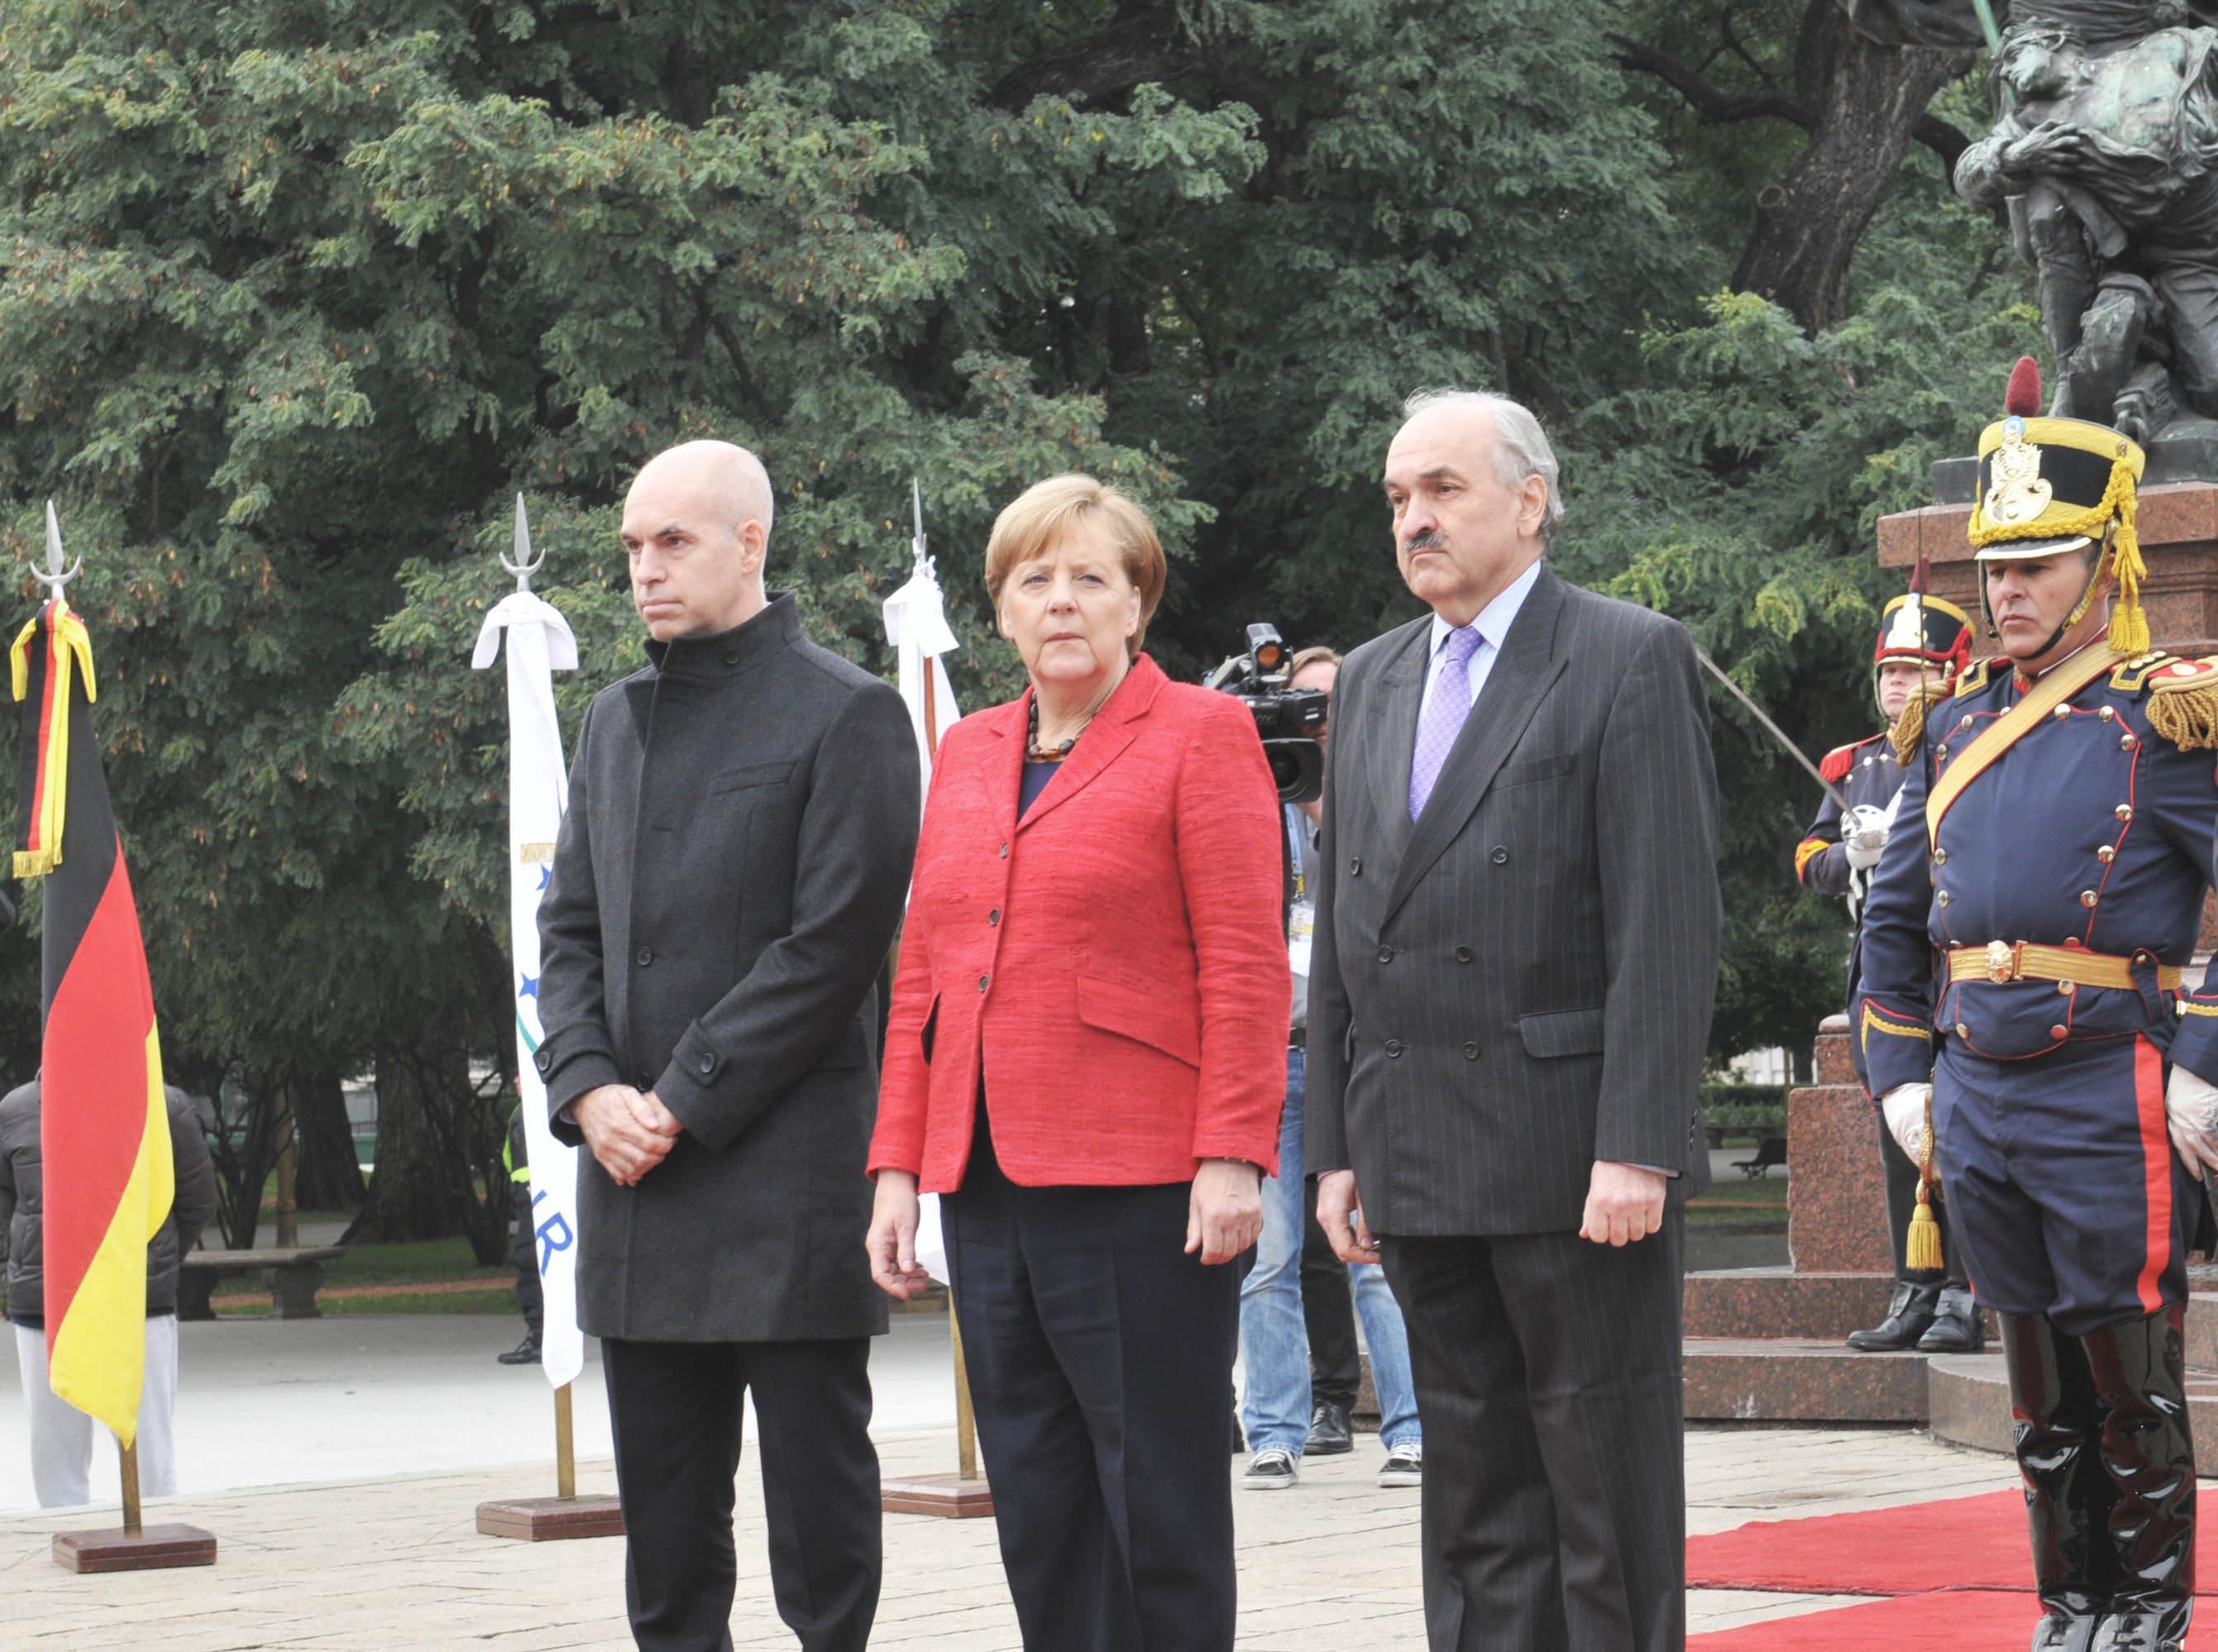 08-06-2017 Ofrenda floral Merkel 03